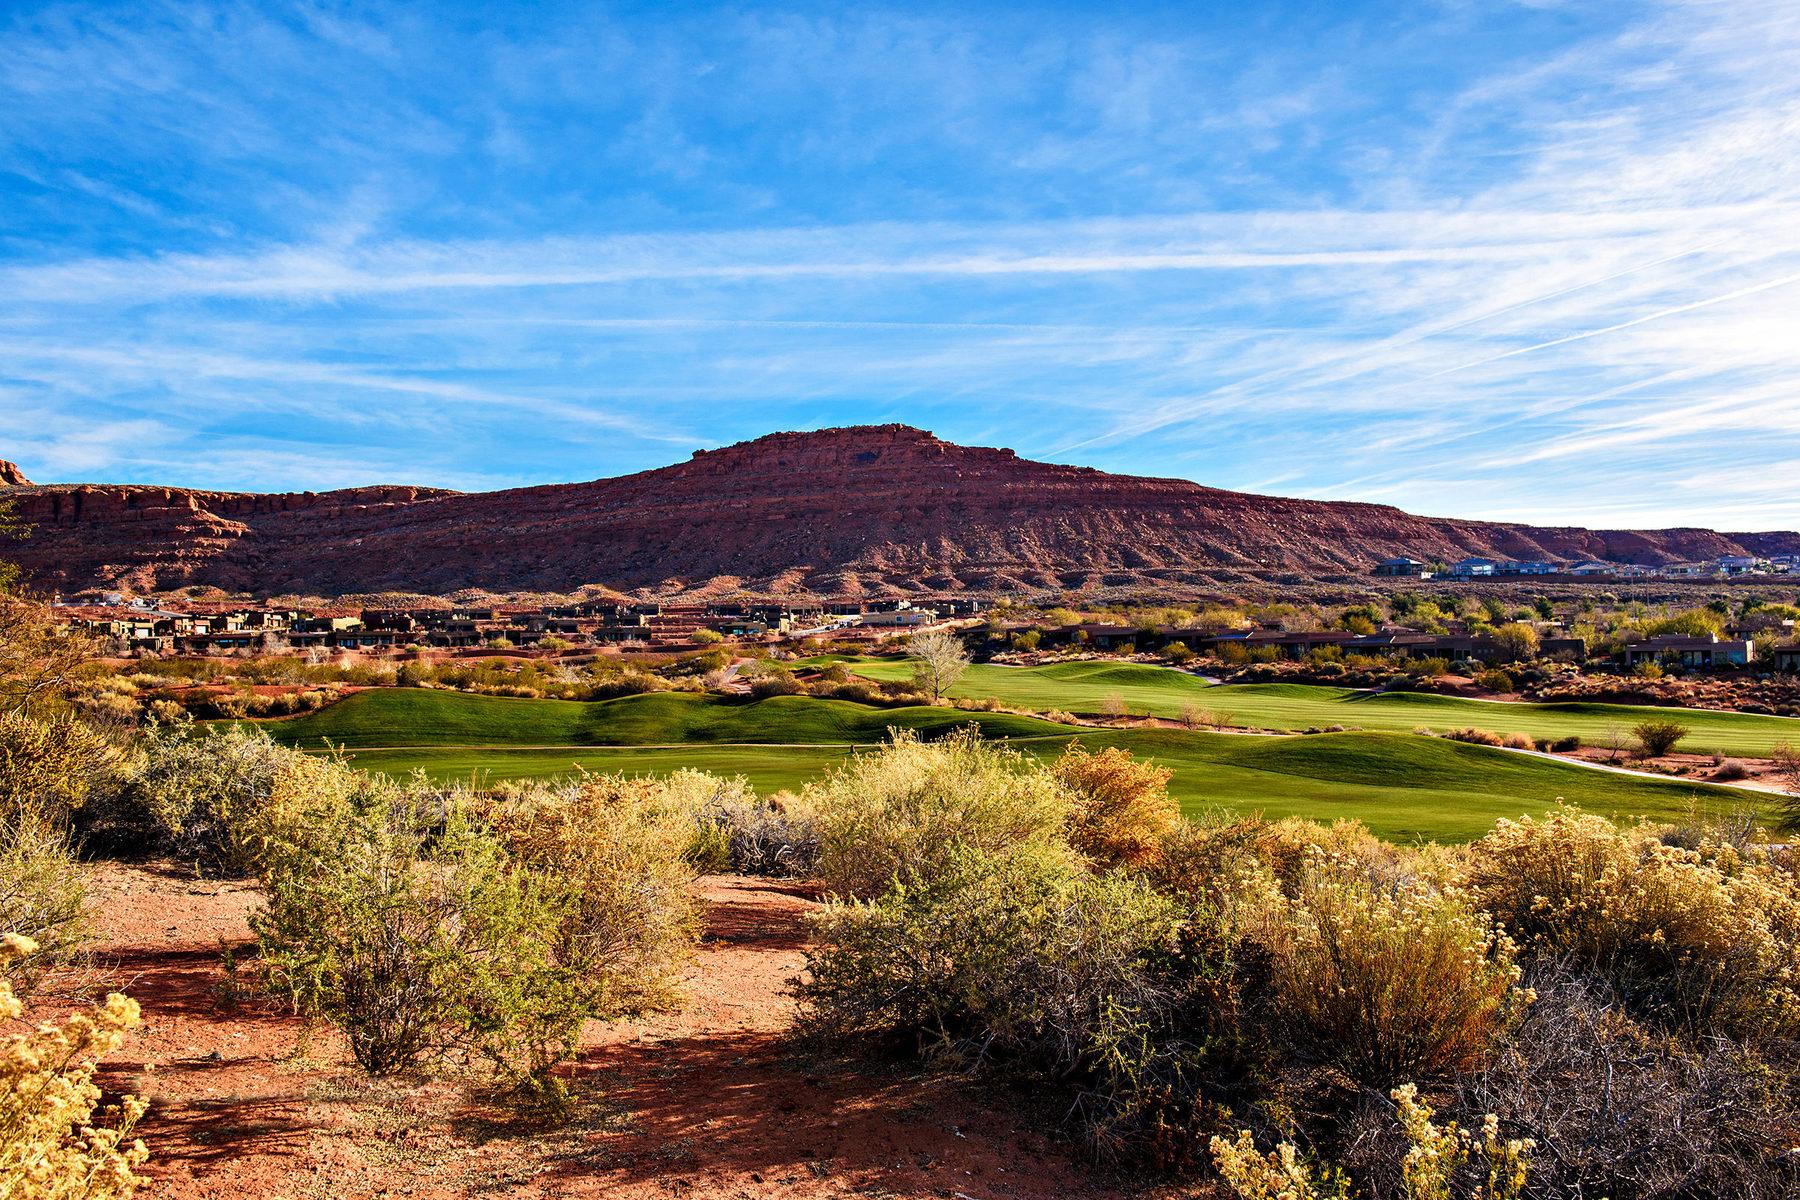 Частный односемейный дом для того Продажа на Golf Course Views 2410 Anasazi Trail St. George, Юта, 84770 Соединенные Штаты